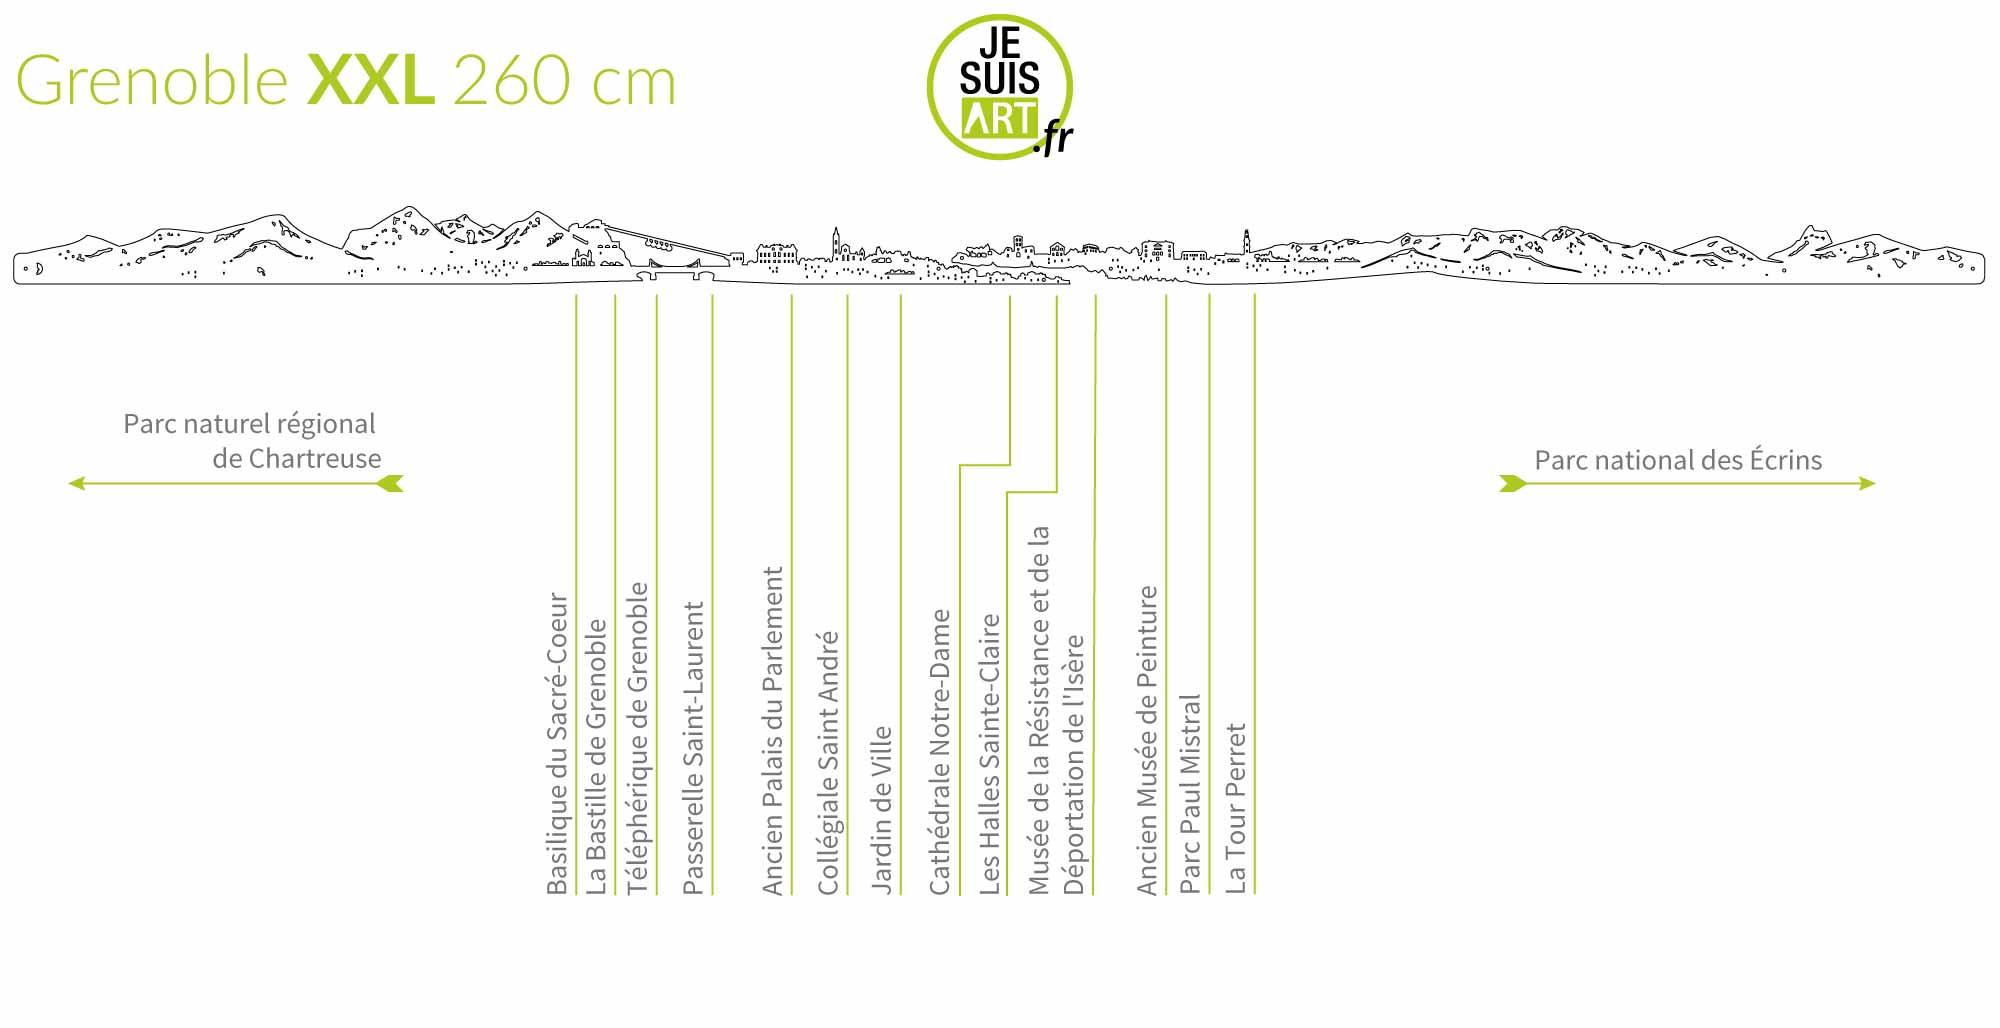 Grenoble_Monuments-XXL